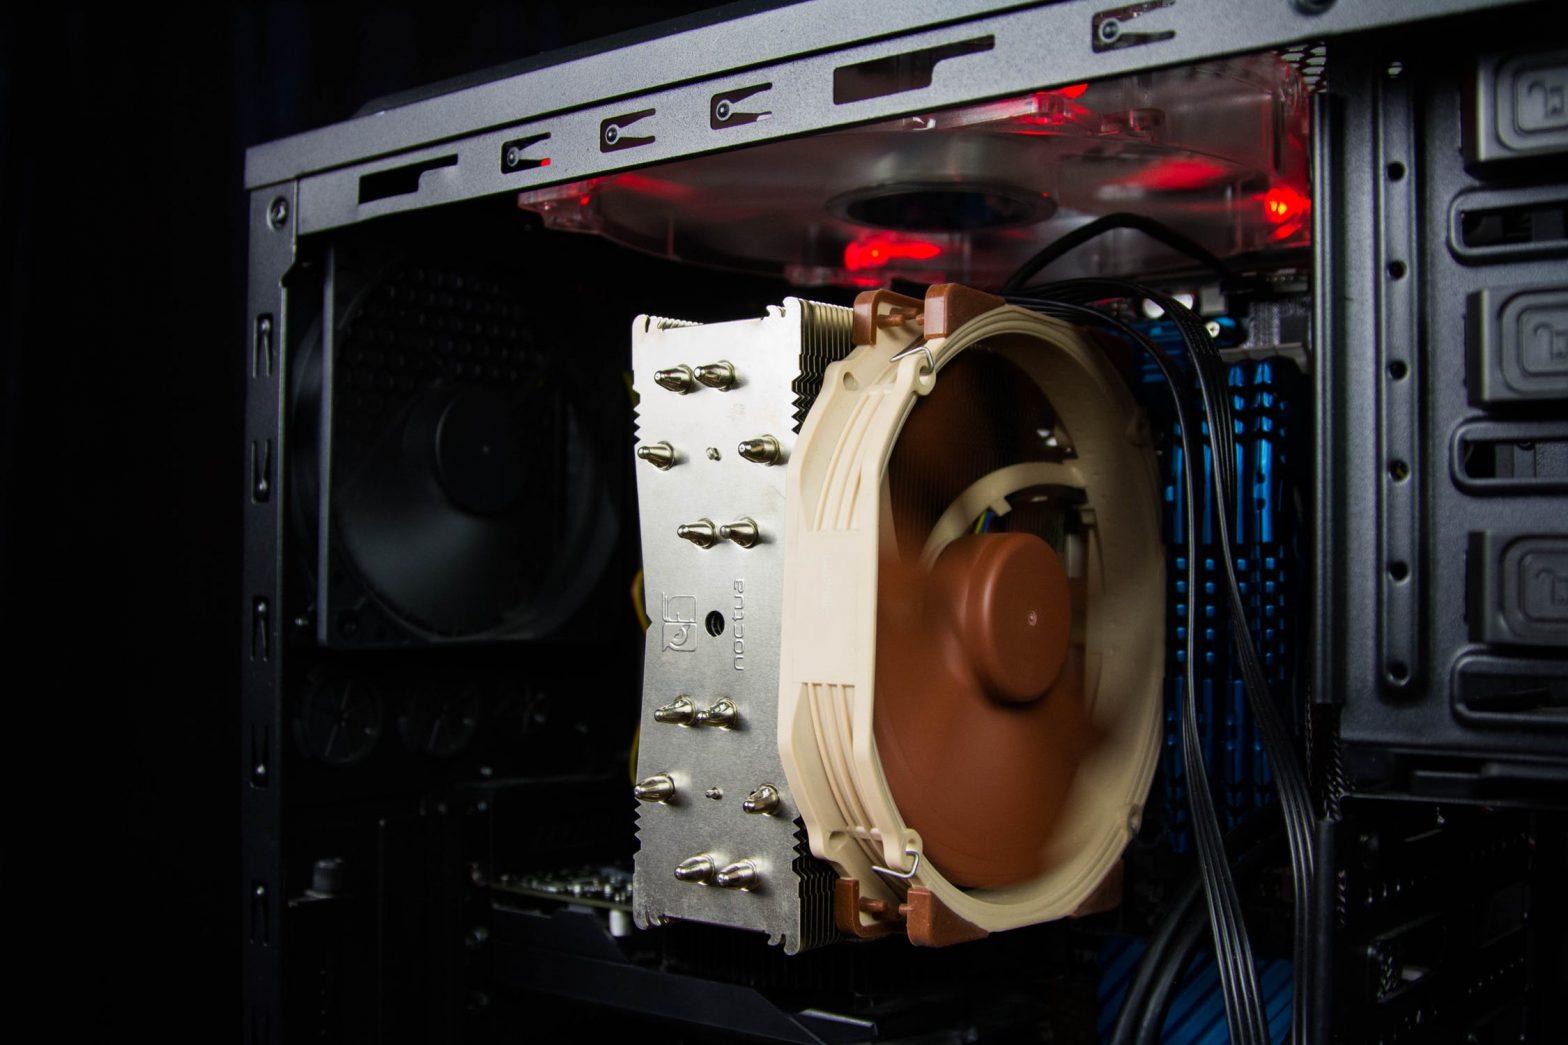 Nettoyer son PC de A à Z